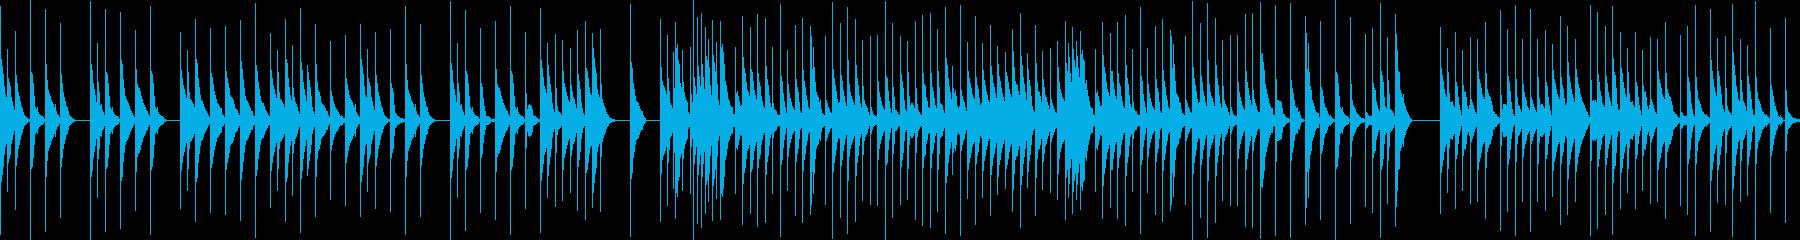 ジブリのようなオルゴール(ループ素材)の再生済みの波形